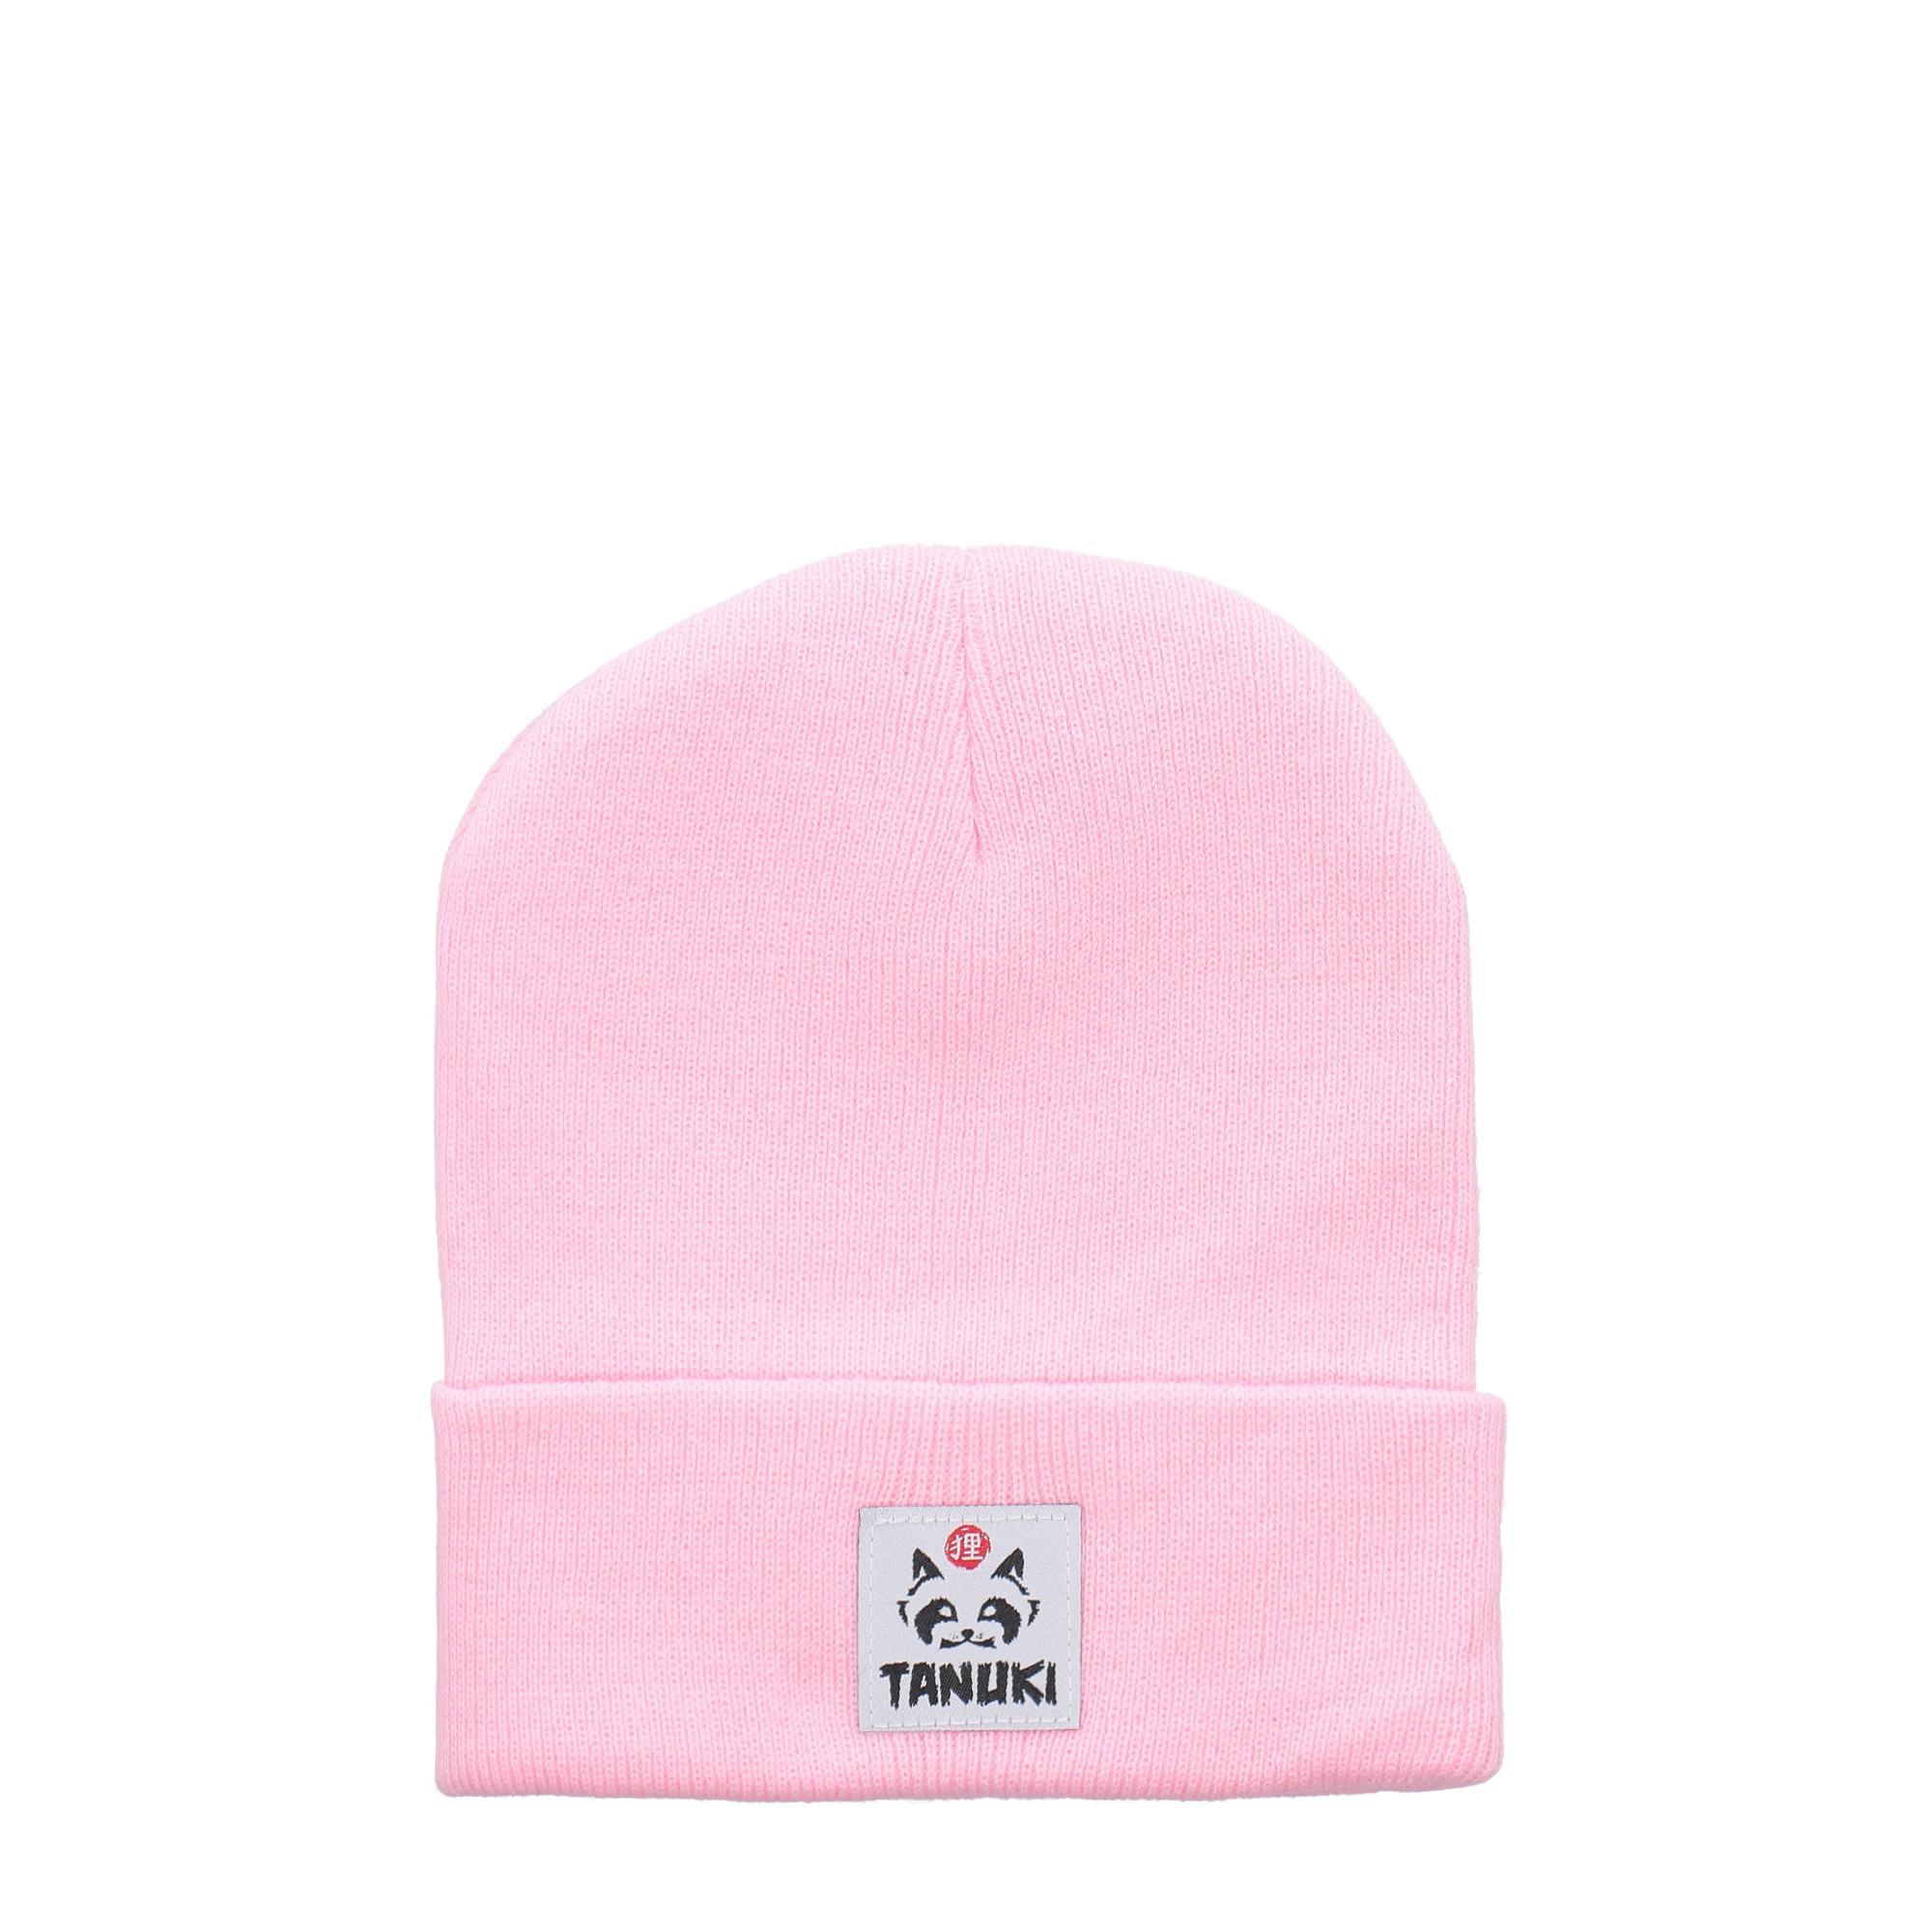 Tanuki Beanie Pastel pink